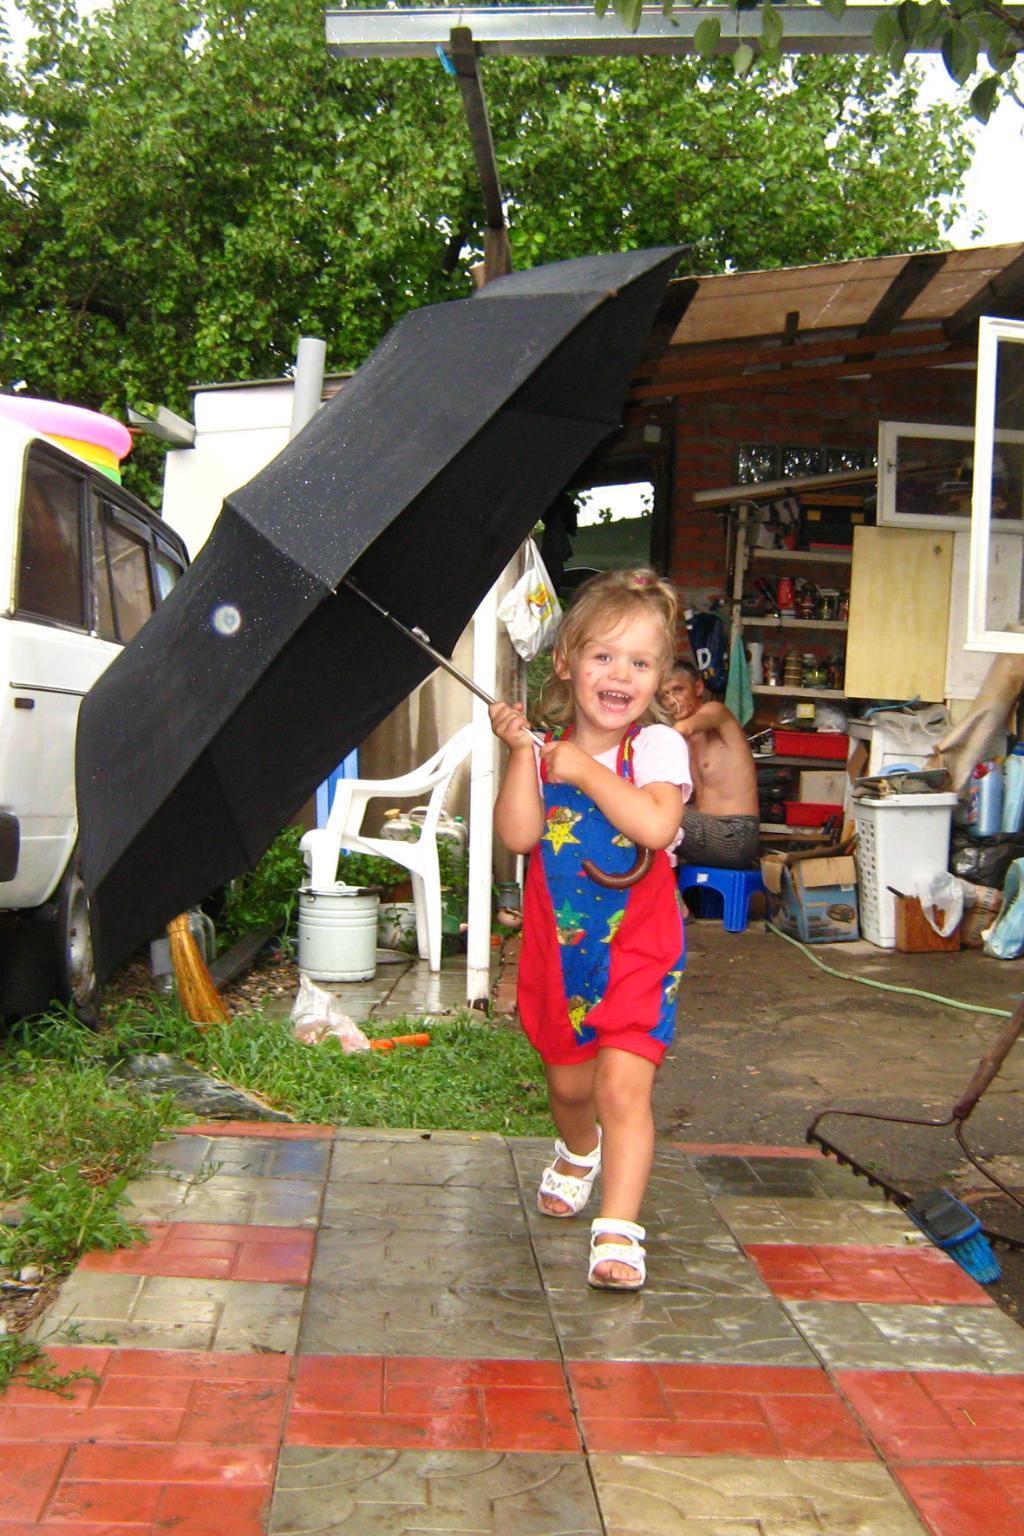 Дождь!!! Я мне нравится!!!!. Да здравствует дождь!